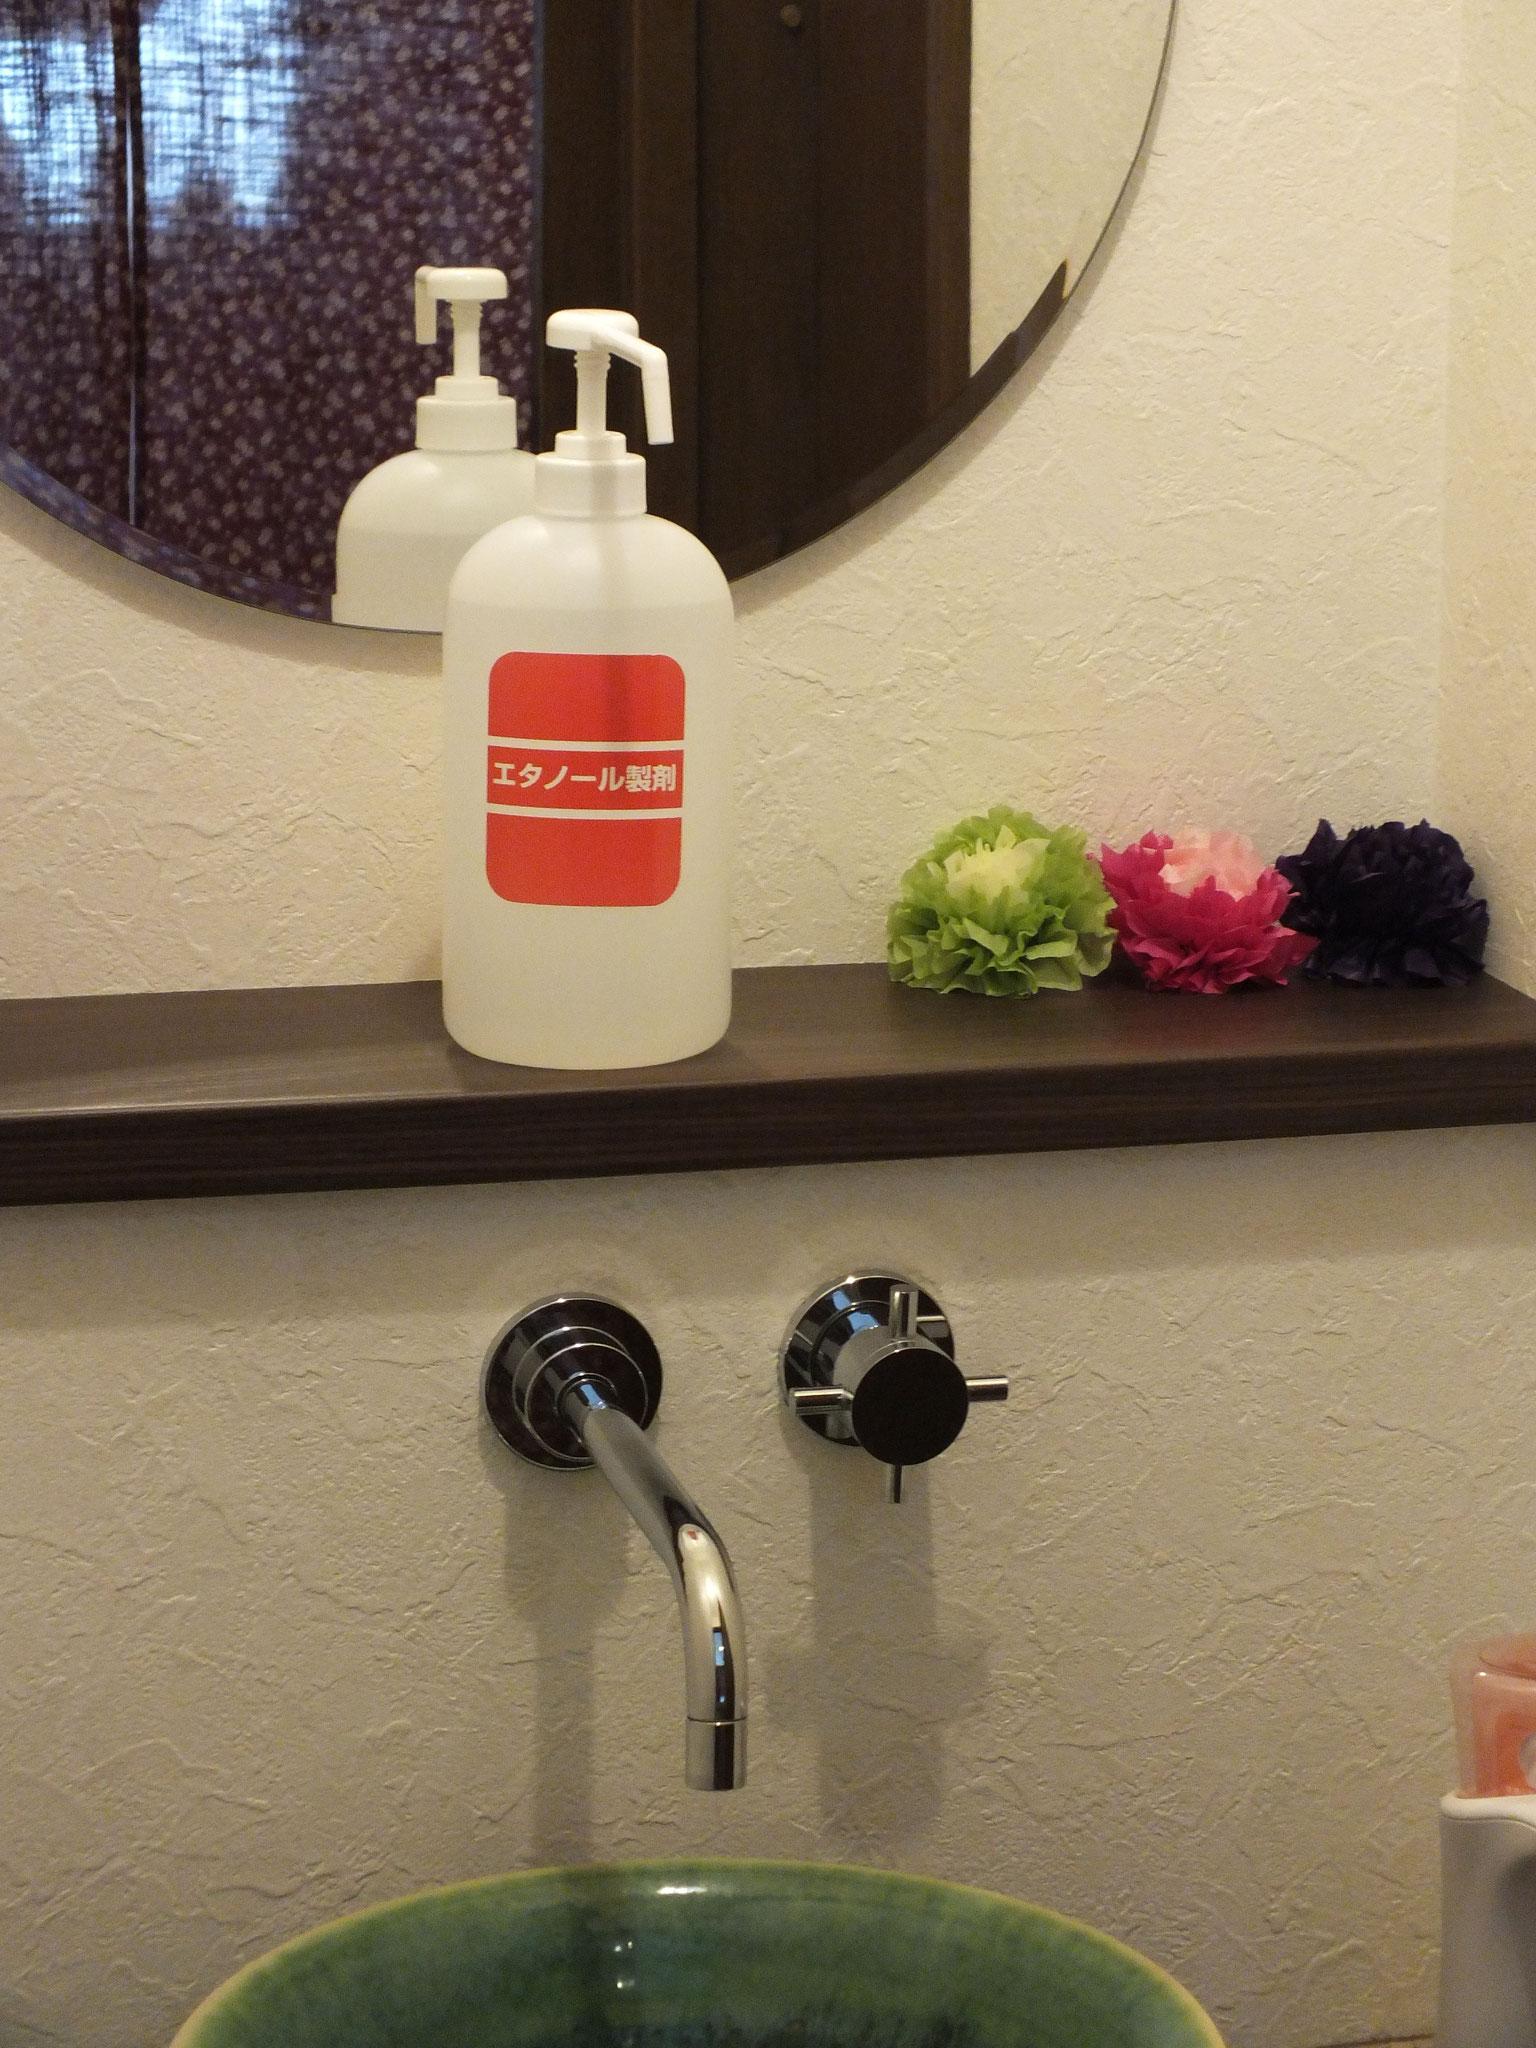 お手洗いにも消毒液を用意しました。